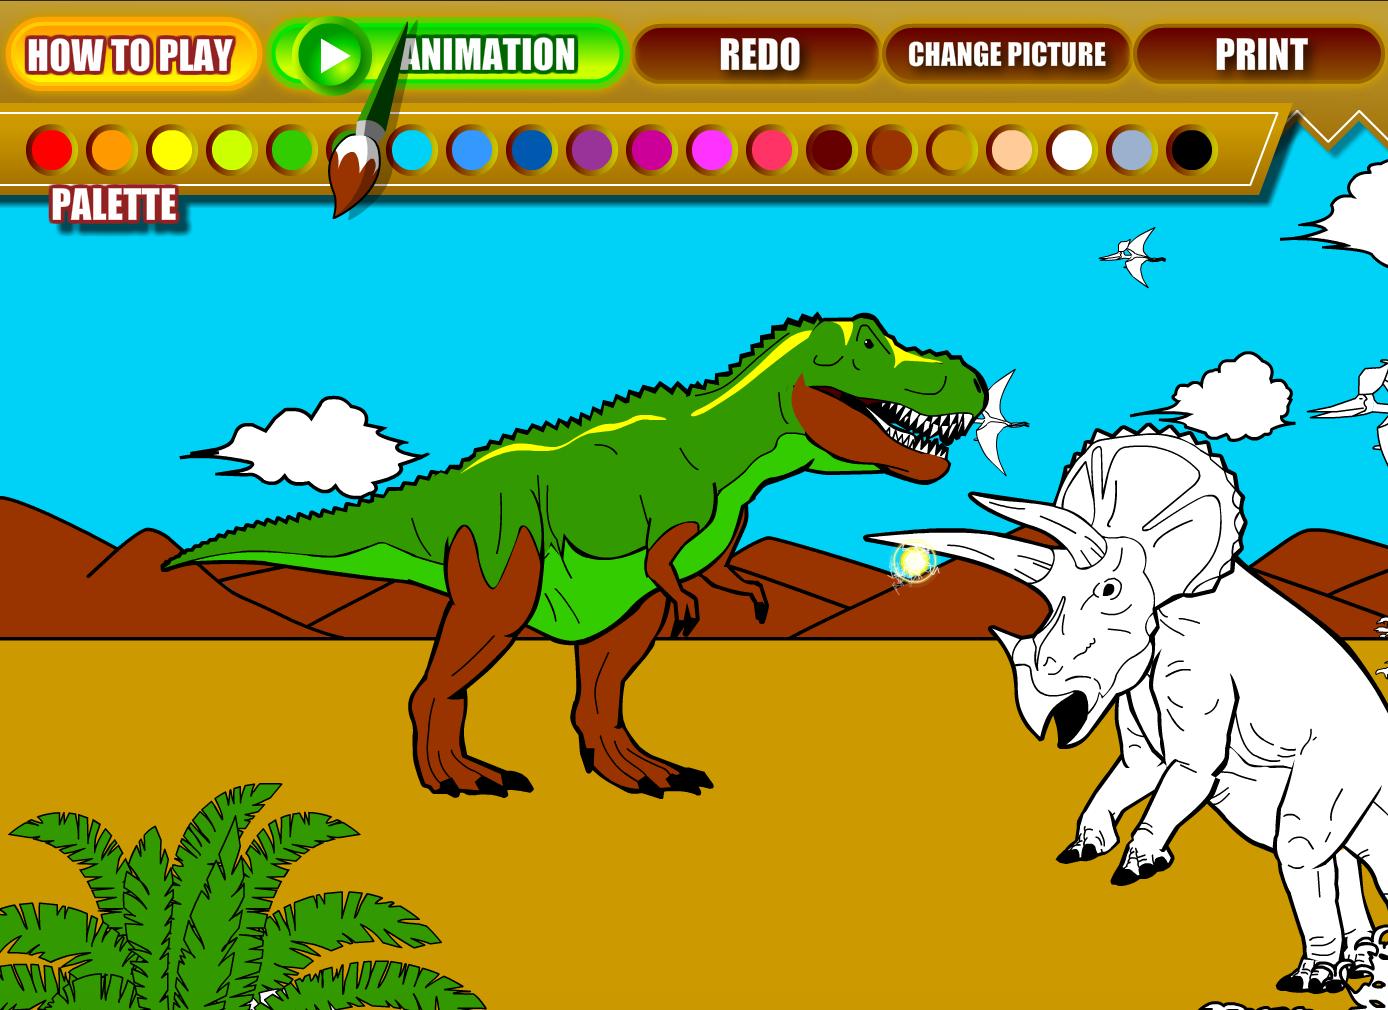 Image Kralj dinosaura bojanje